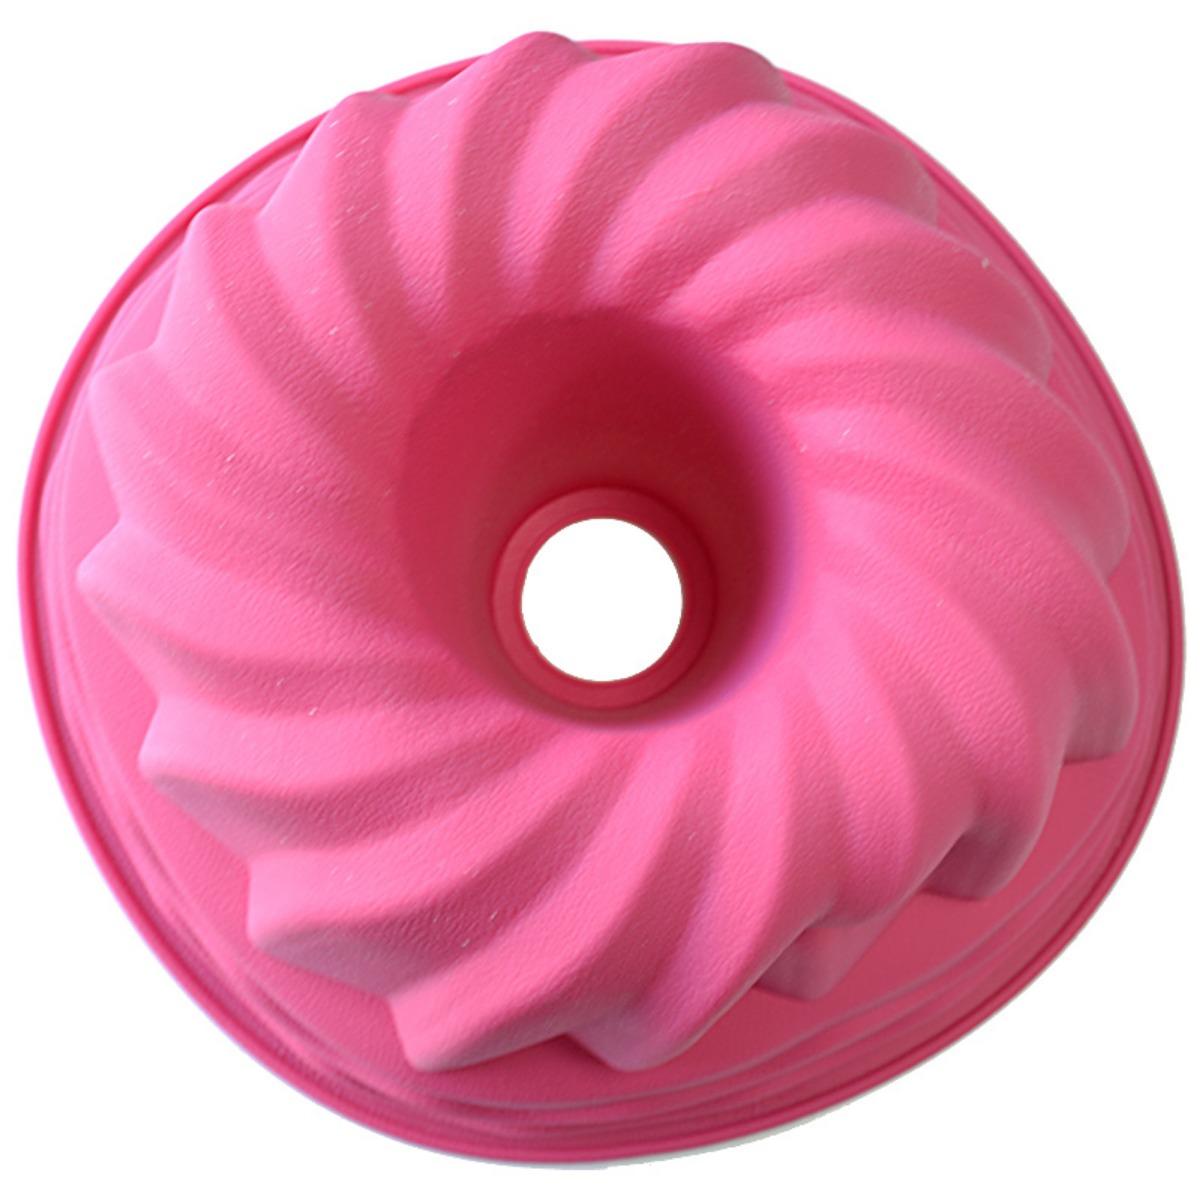 Форма для кекса Marvel, цвет: розовый, диаметр 24 см4122